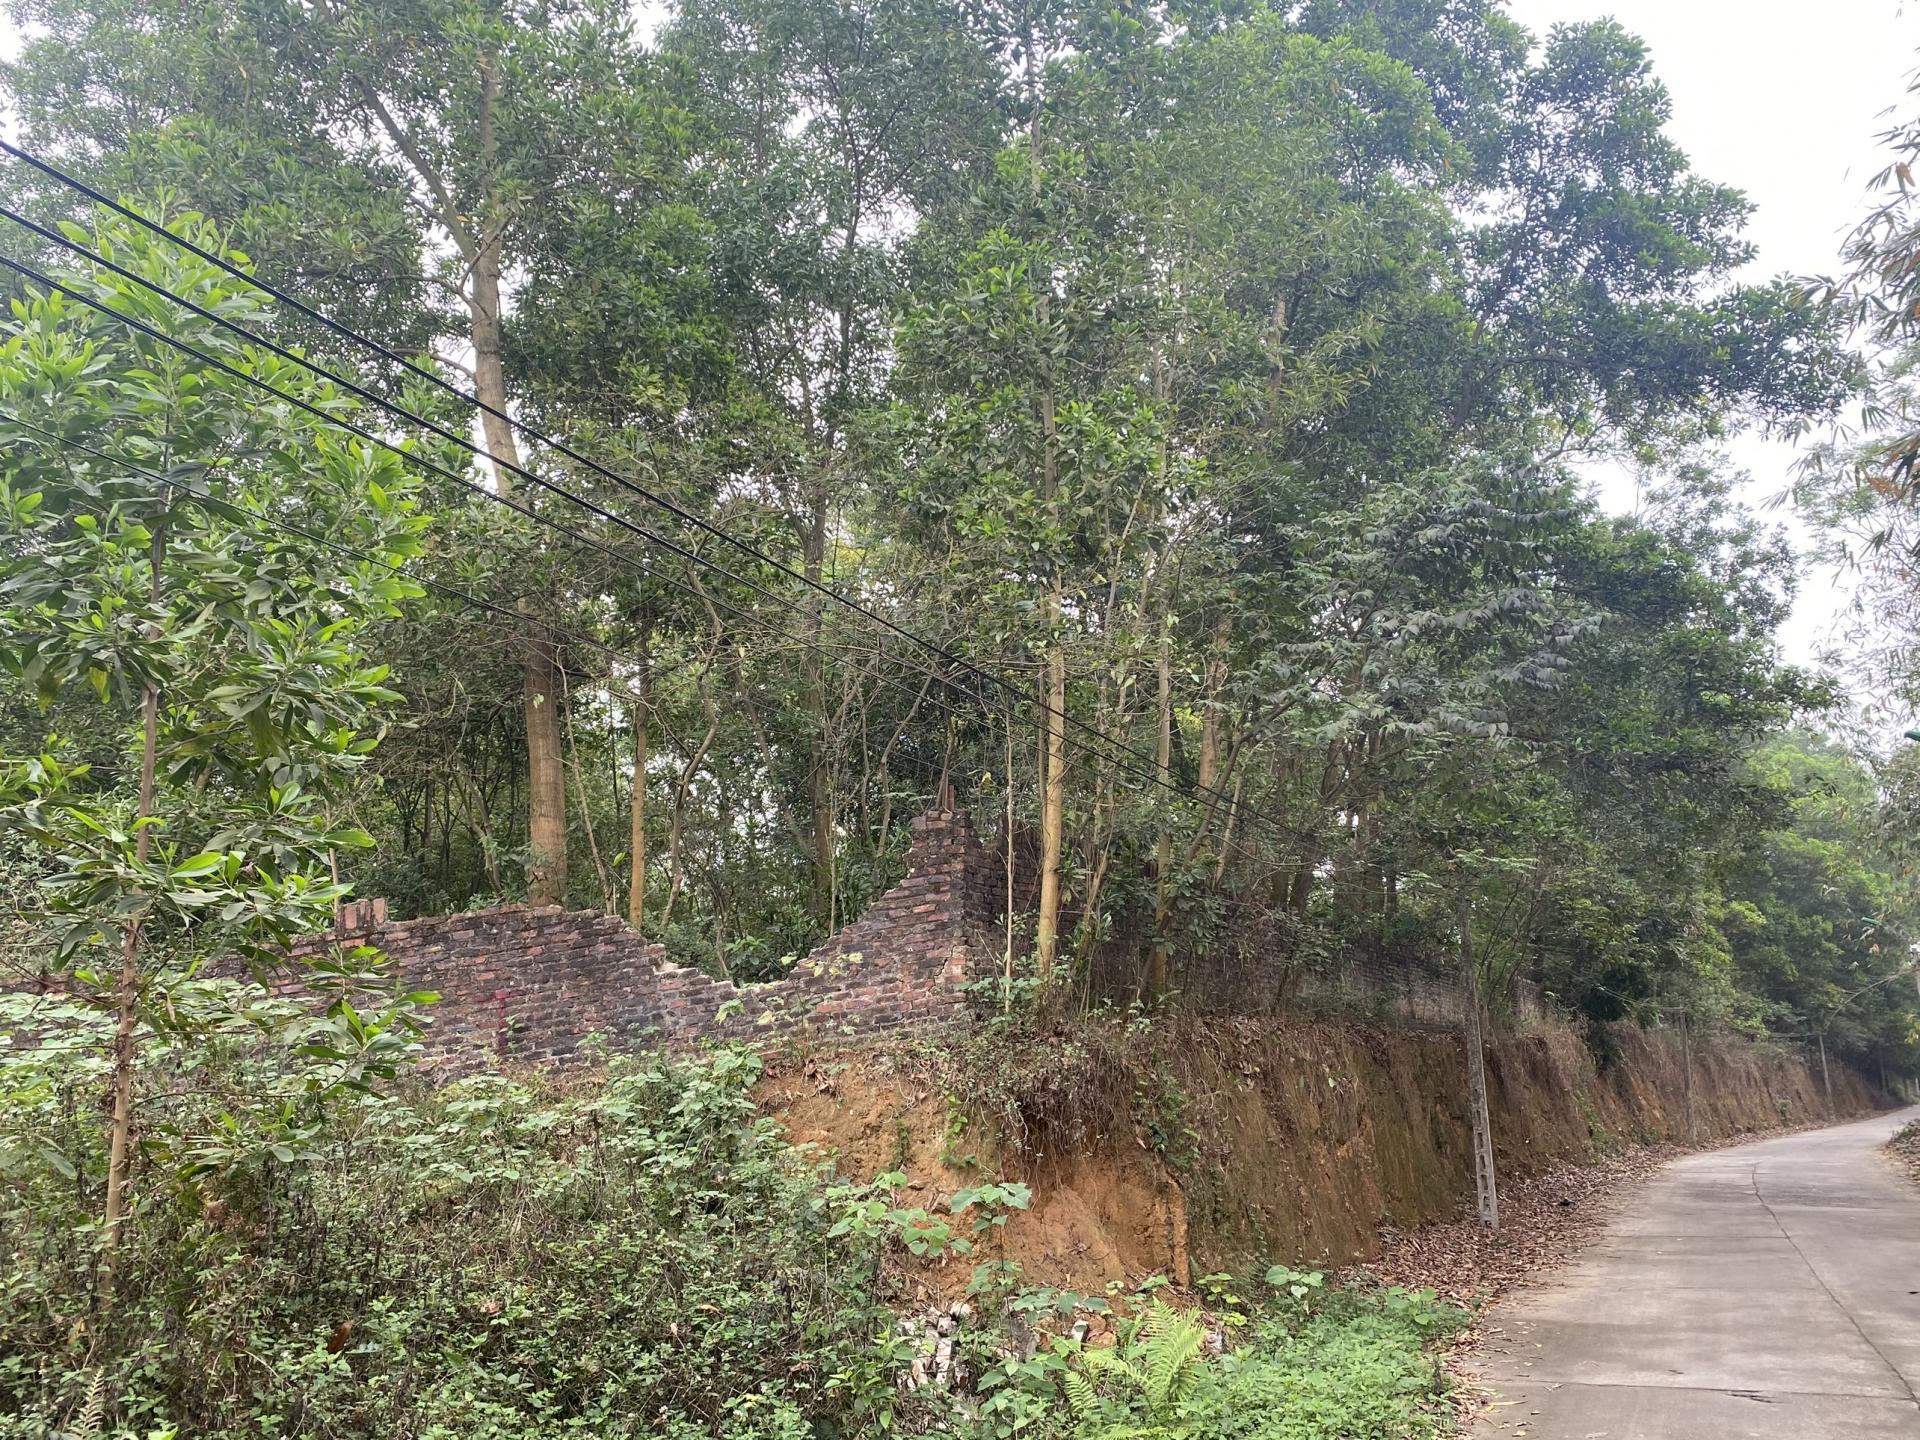 Vĩnh Phúc: Việc huy động vốn tại dự án Khu nhà ở đô thị Việt Thành vi phạm như thế nào?